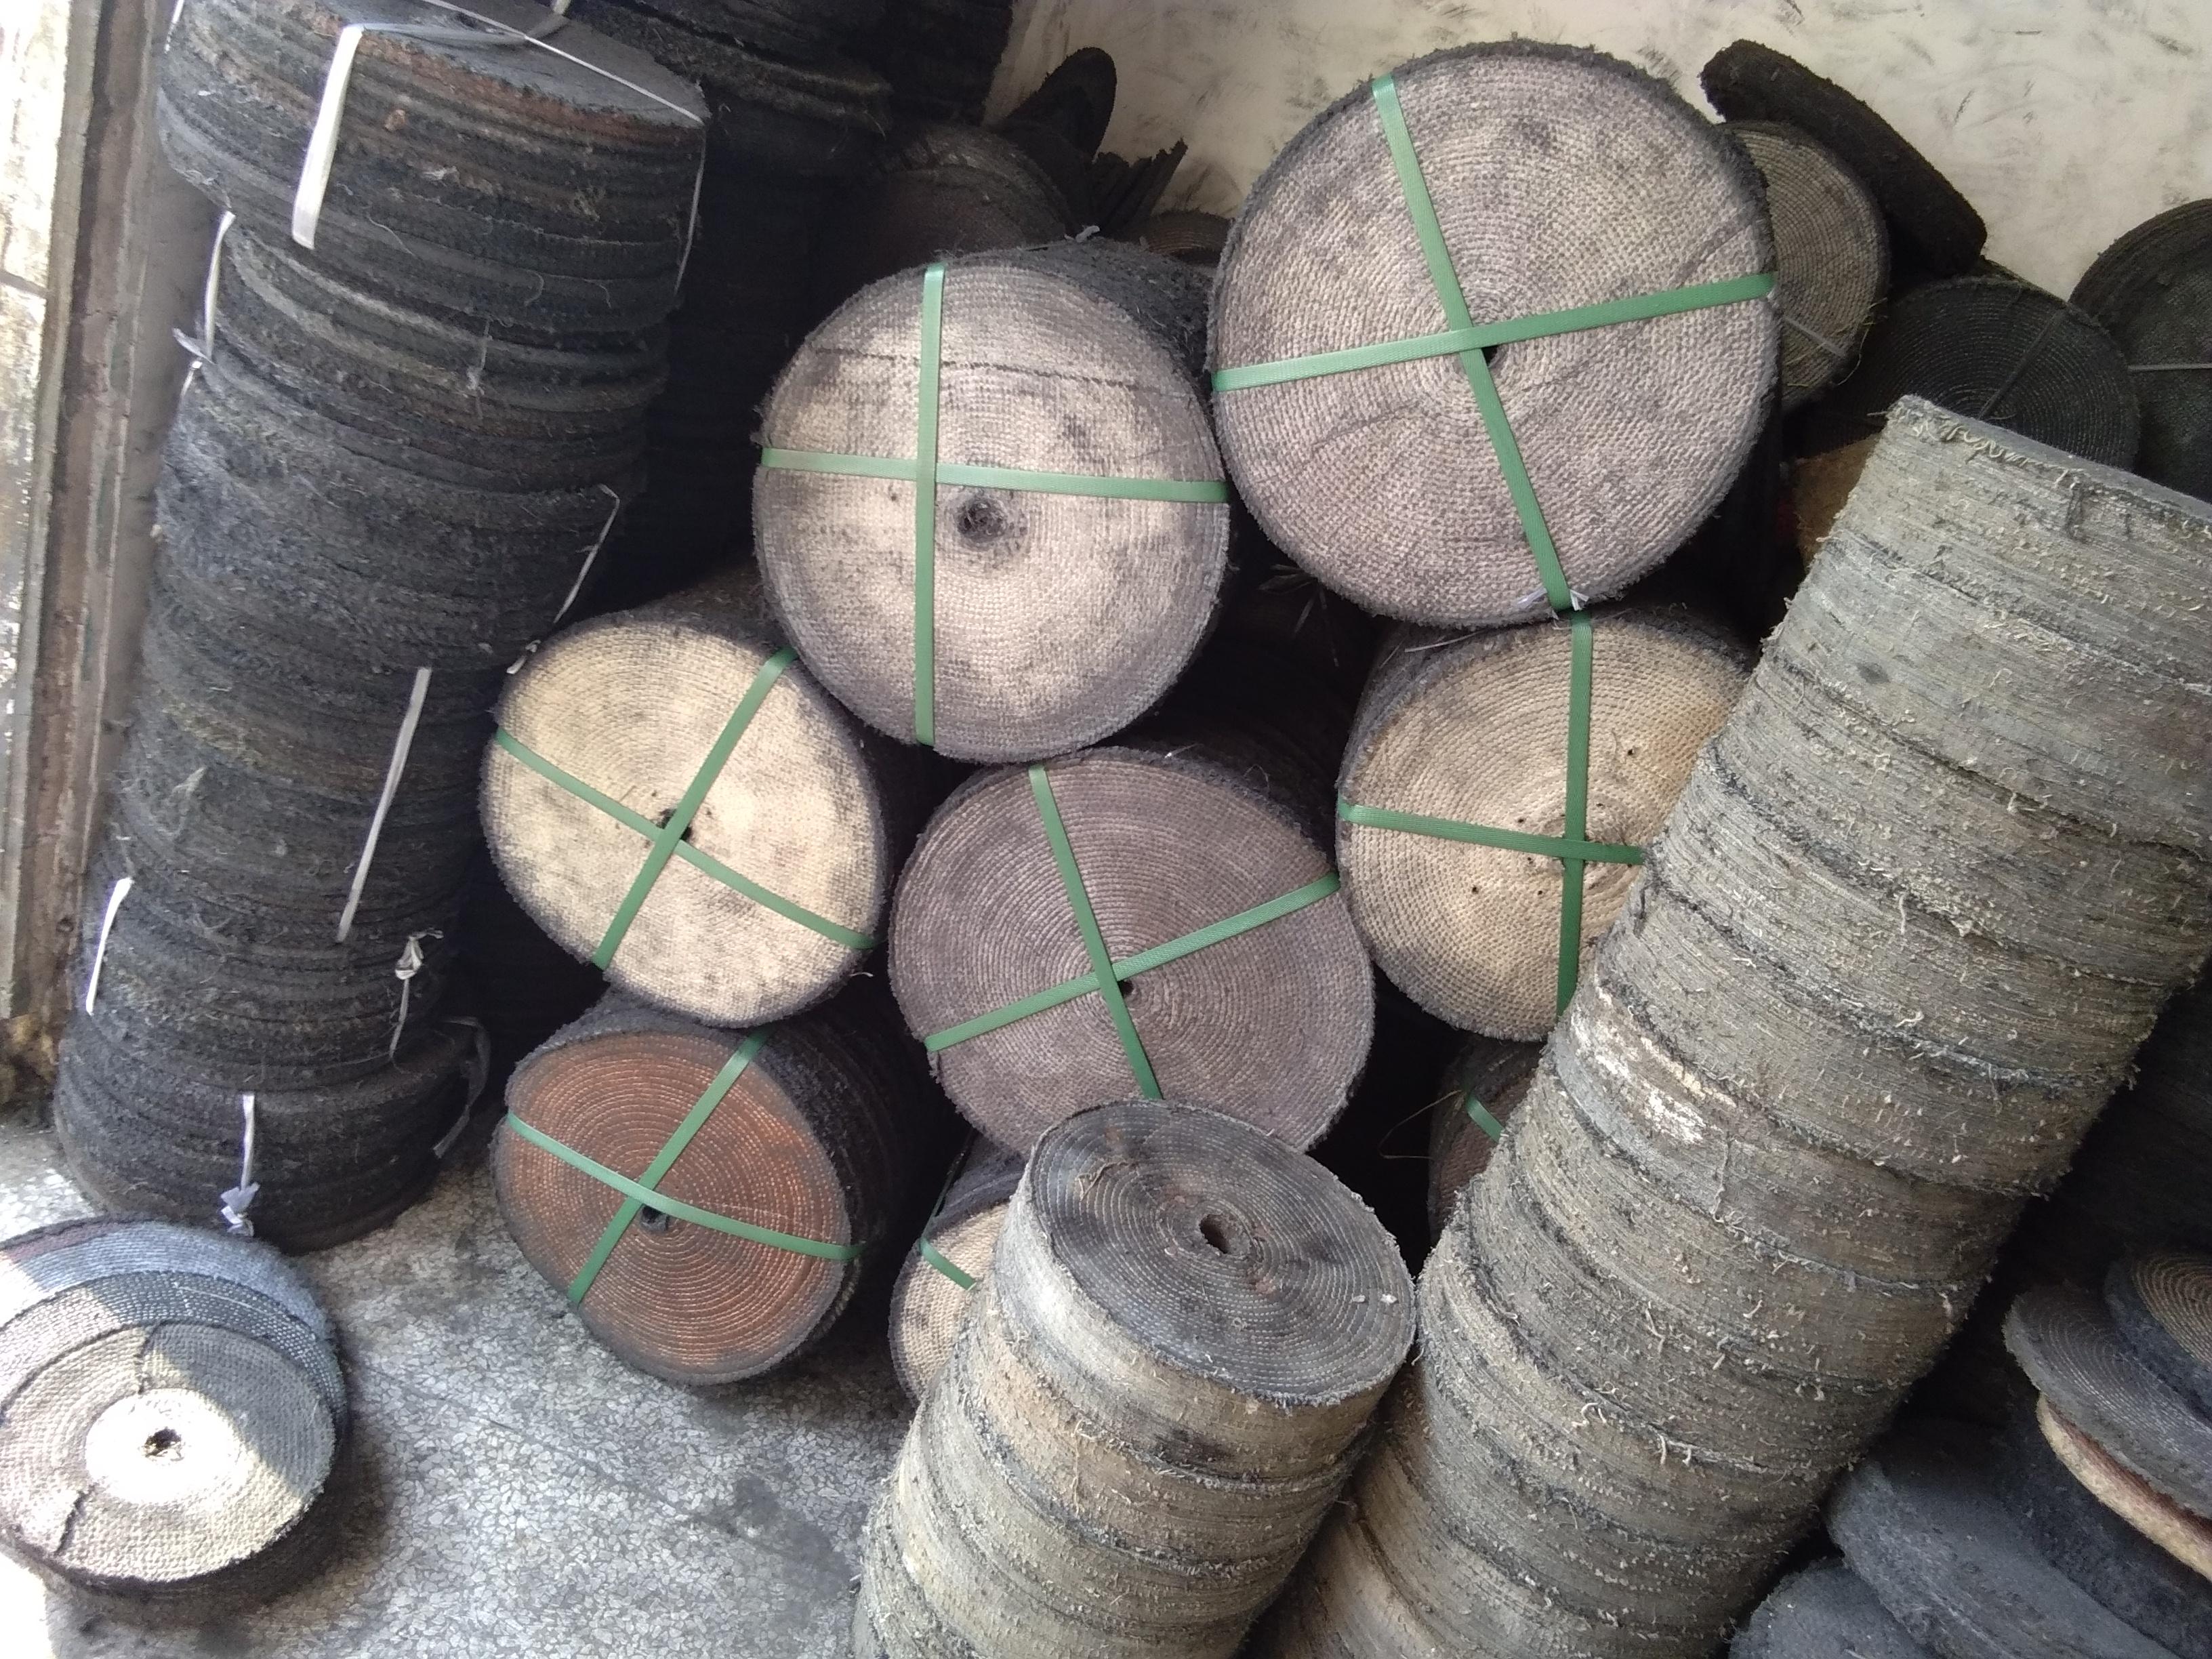 东莞回收二手旧抛光材料,二手麻轮,尼龙轮,线轮,风轮,布轮,狗仔轮,草轮,胶砂轮